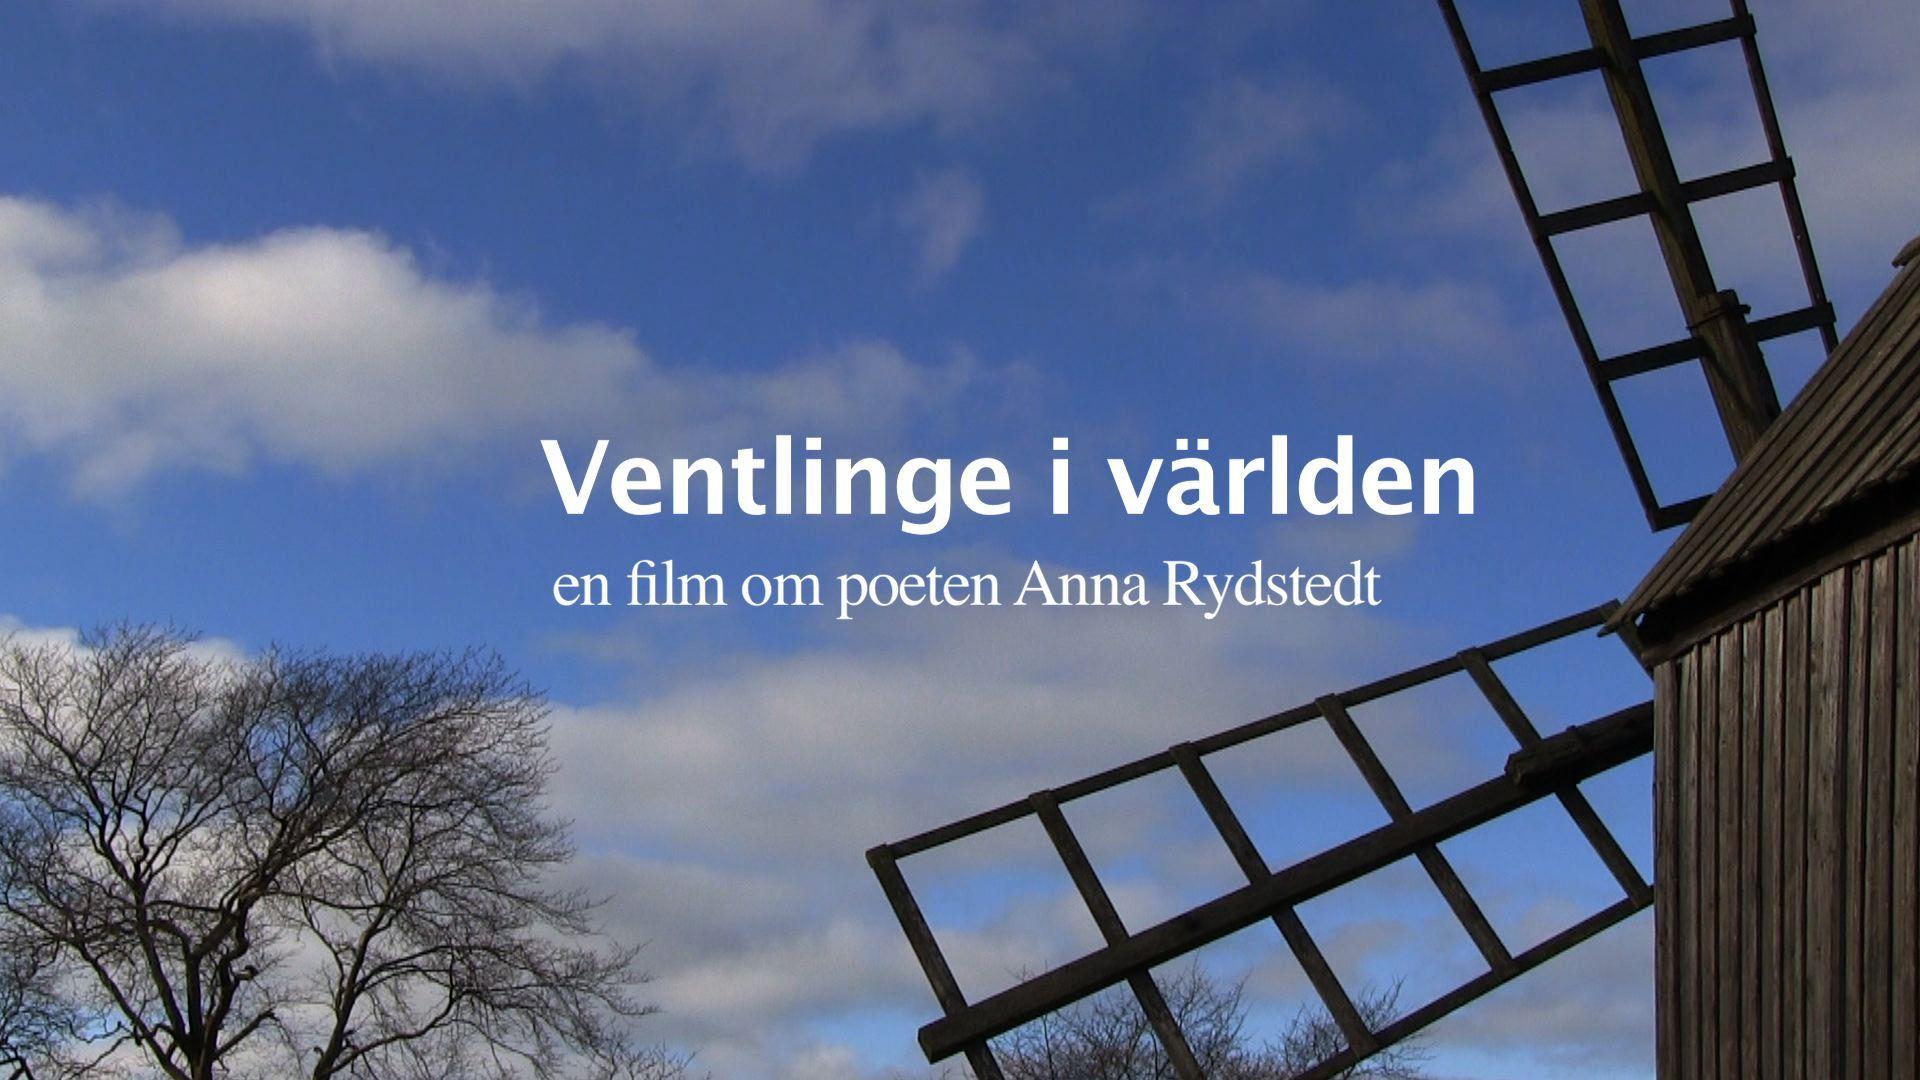 Litteraturveckan- Ventlinge i välden, en film om poeten Anna Rydstedt